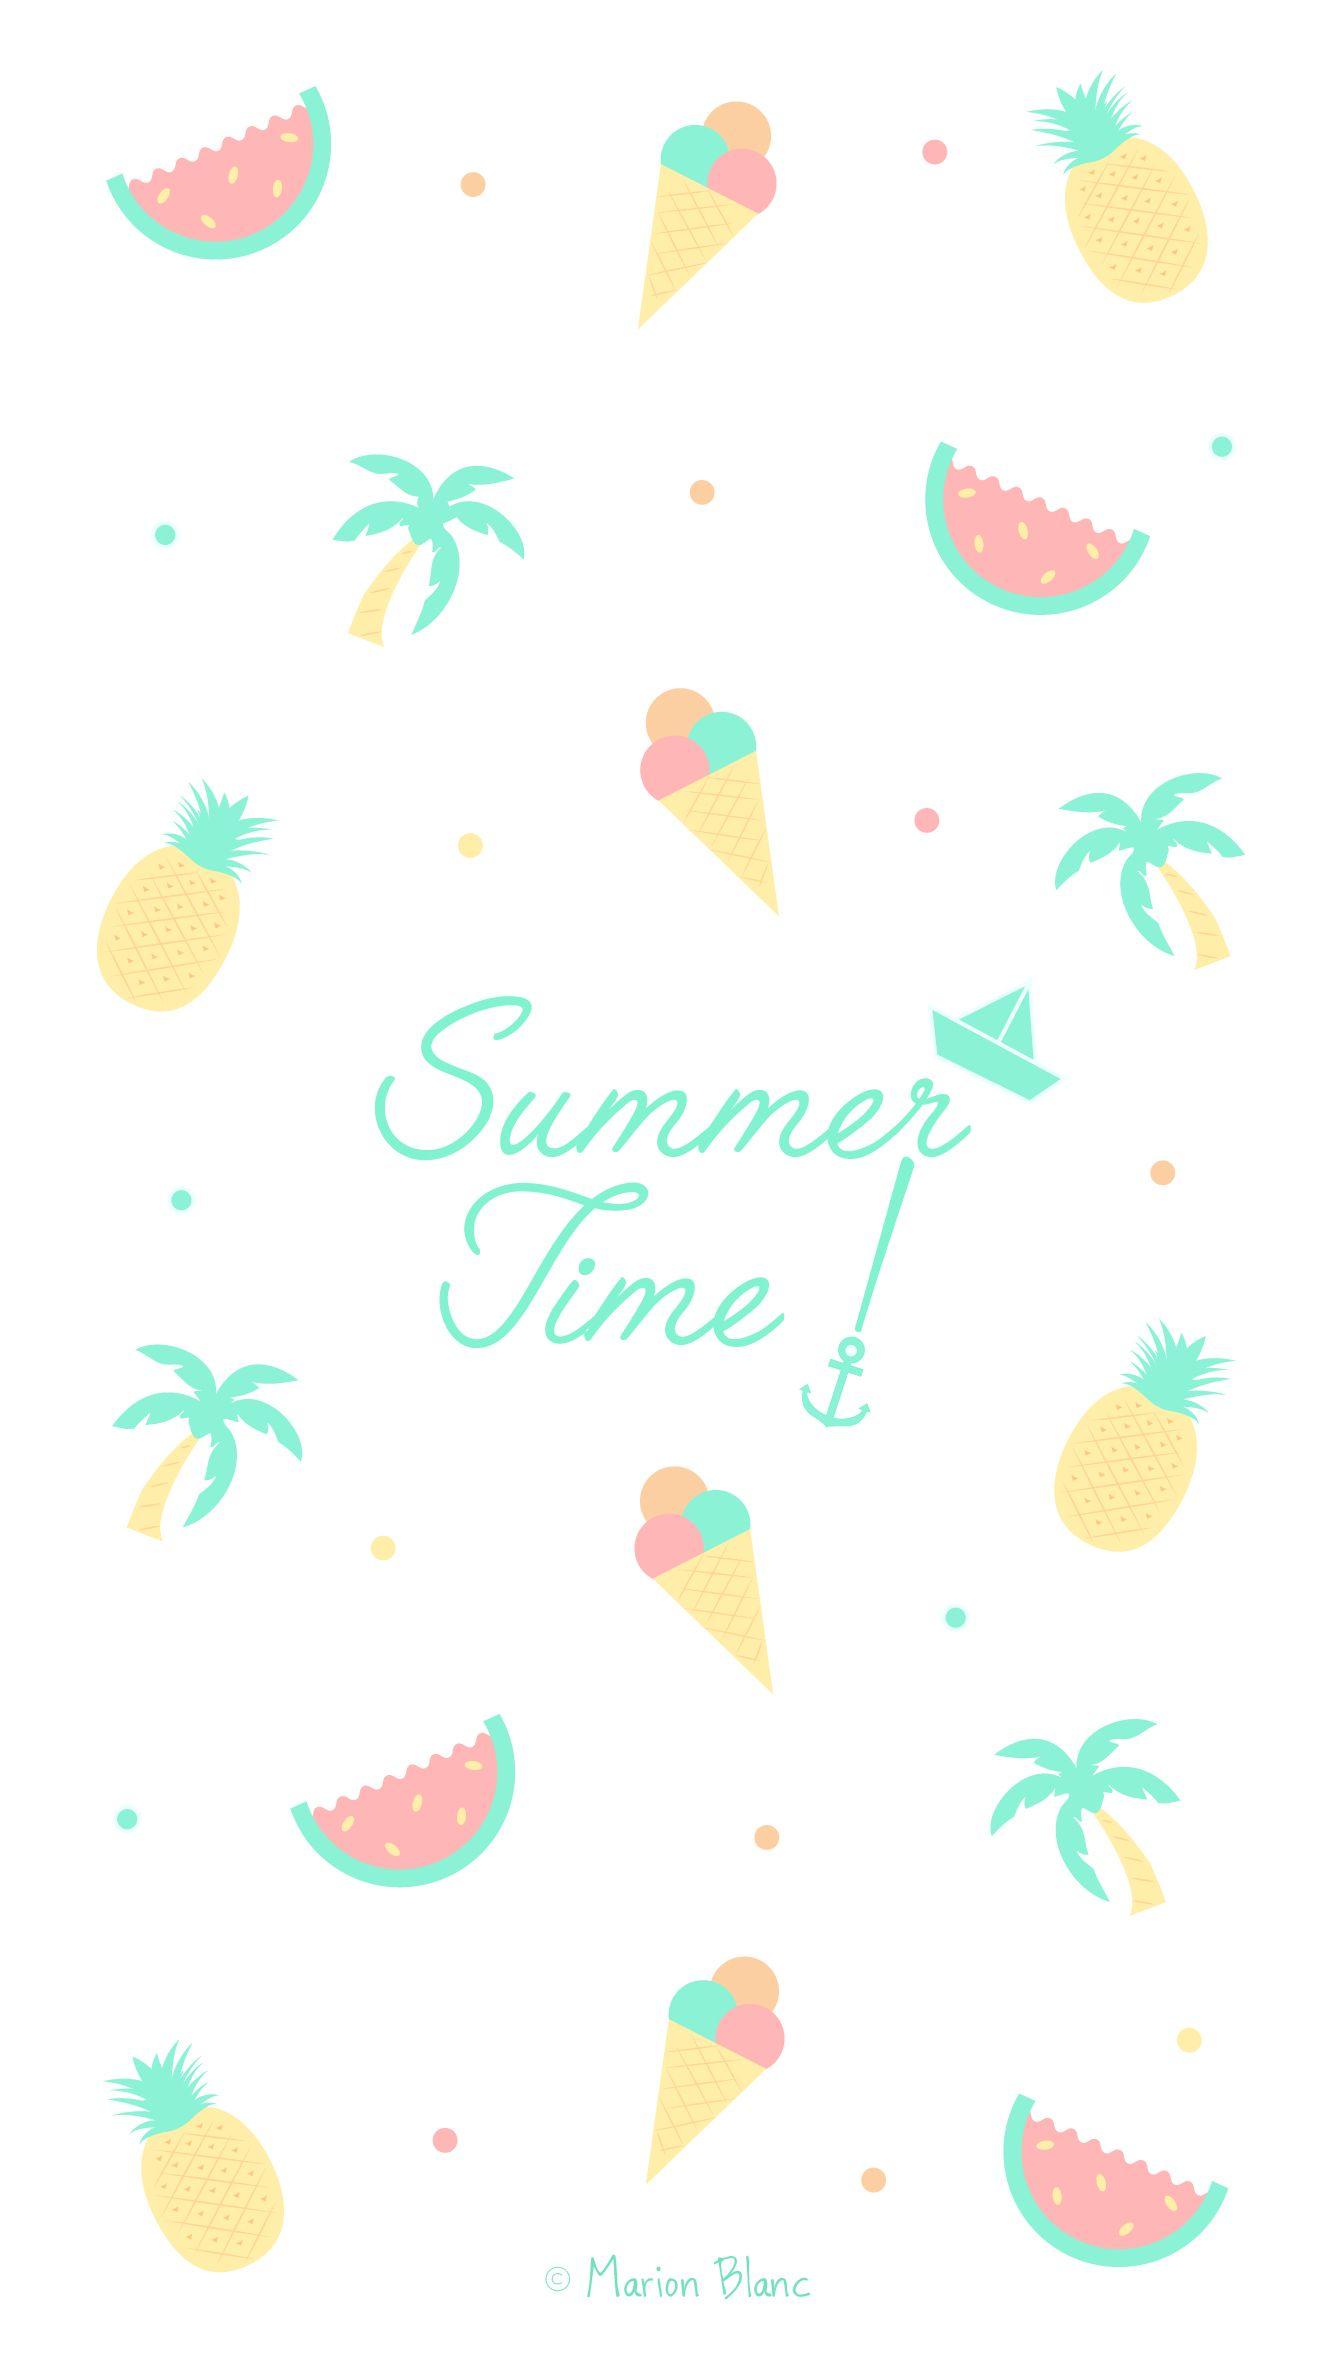 Summertime 01 Jpg 1333 2367 Summer Wallpaper White Wallpaper For Iphone Cute Wallpaper For Phone